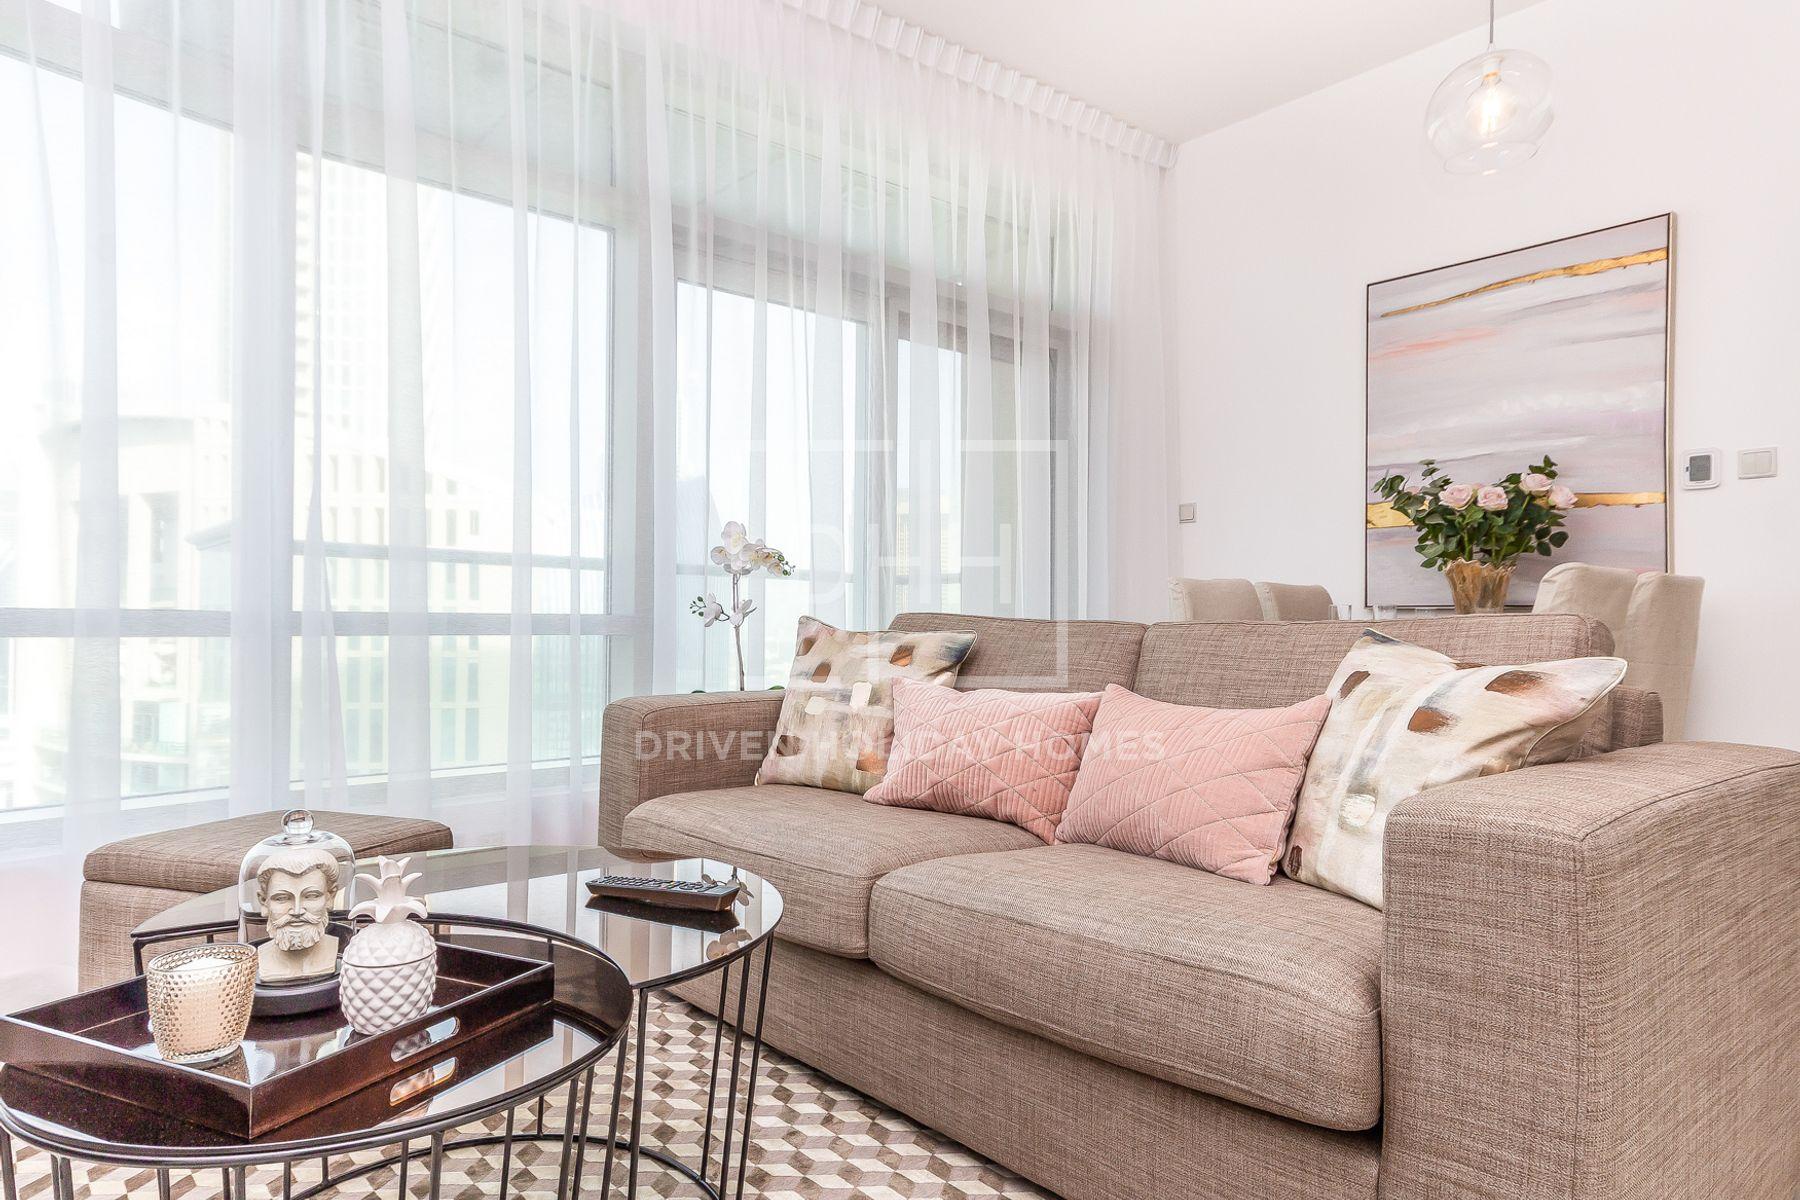 745 قدم مربع  شقة - للايجار - دبي وسط المدينة